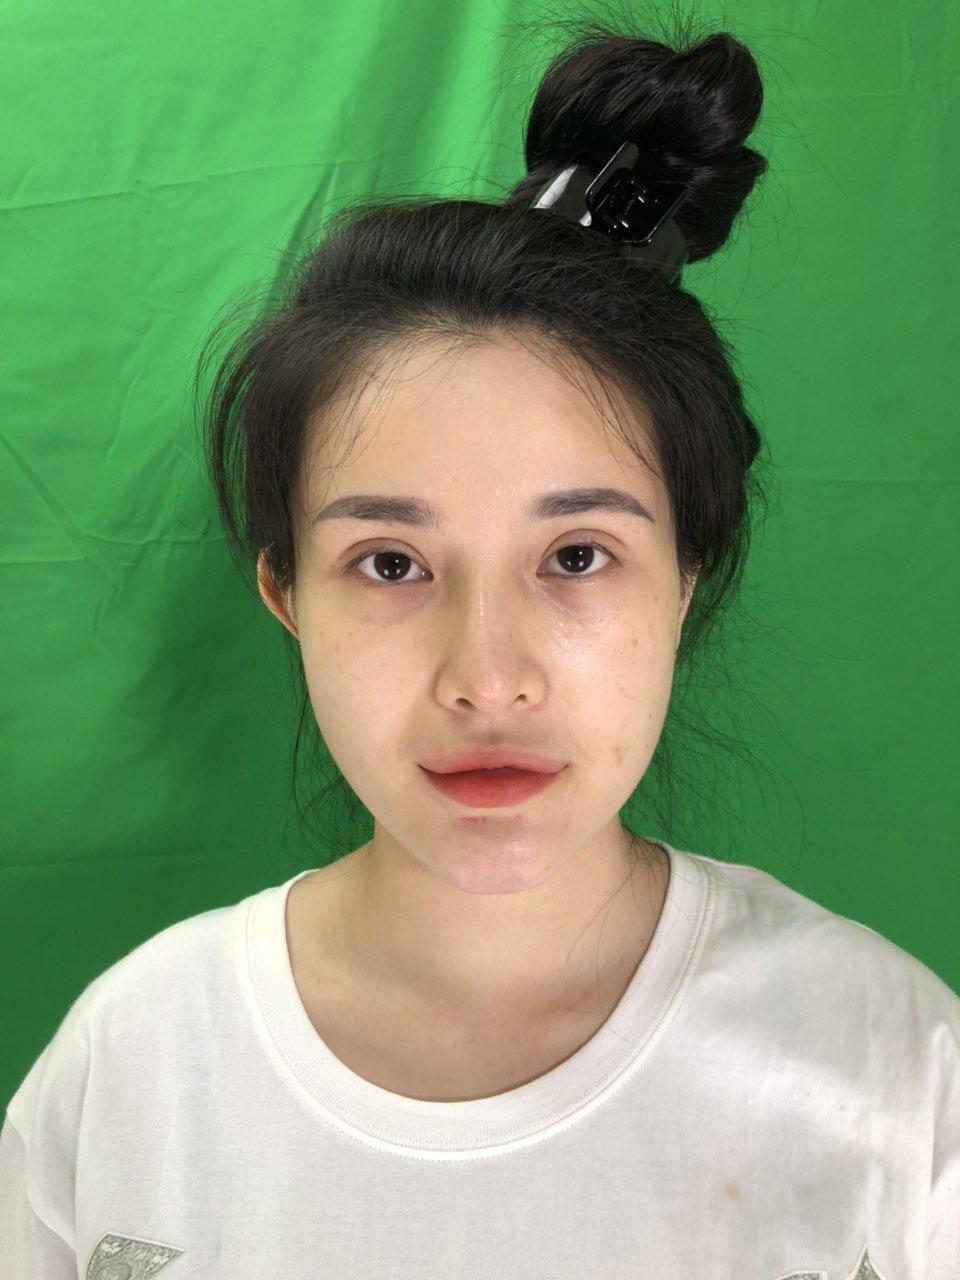 Nâng mũi sụn sườn Fascia: Xu hướng thẩm mỹ mũi được nhiều hot girl, TikToker lựa chọn - Ảnh 4.